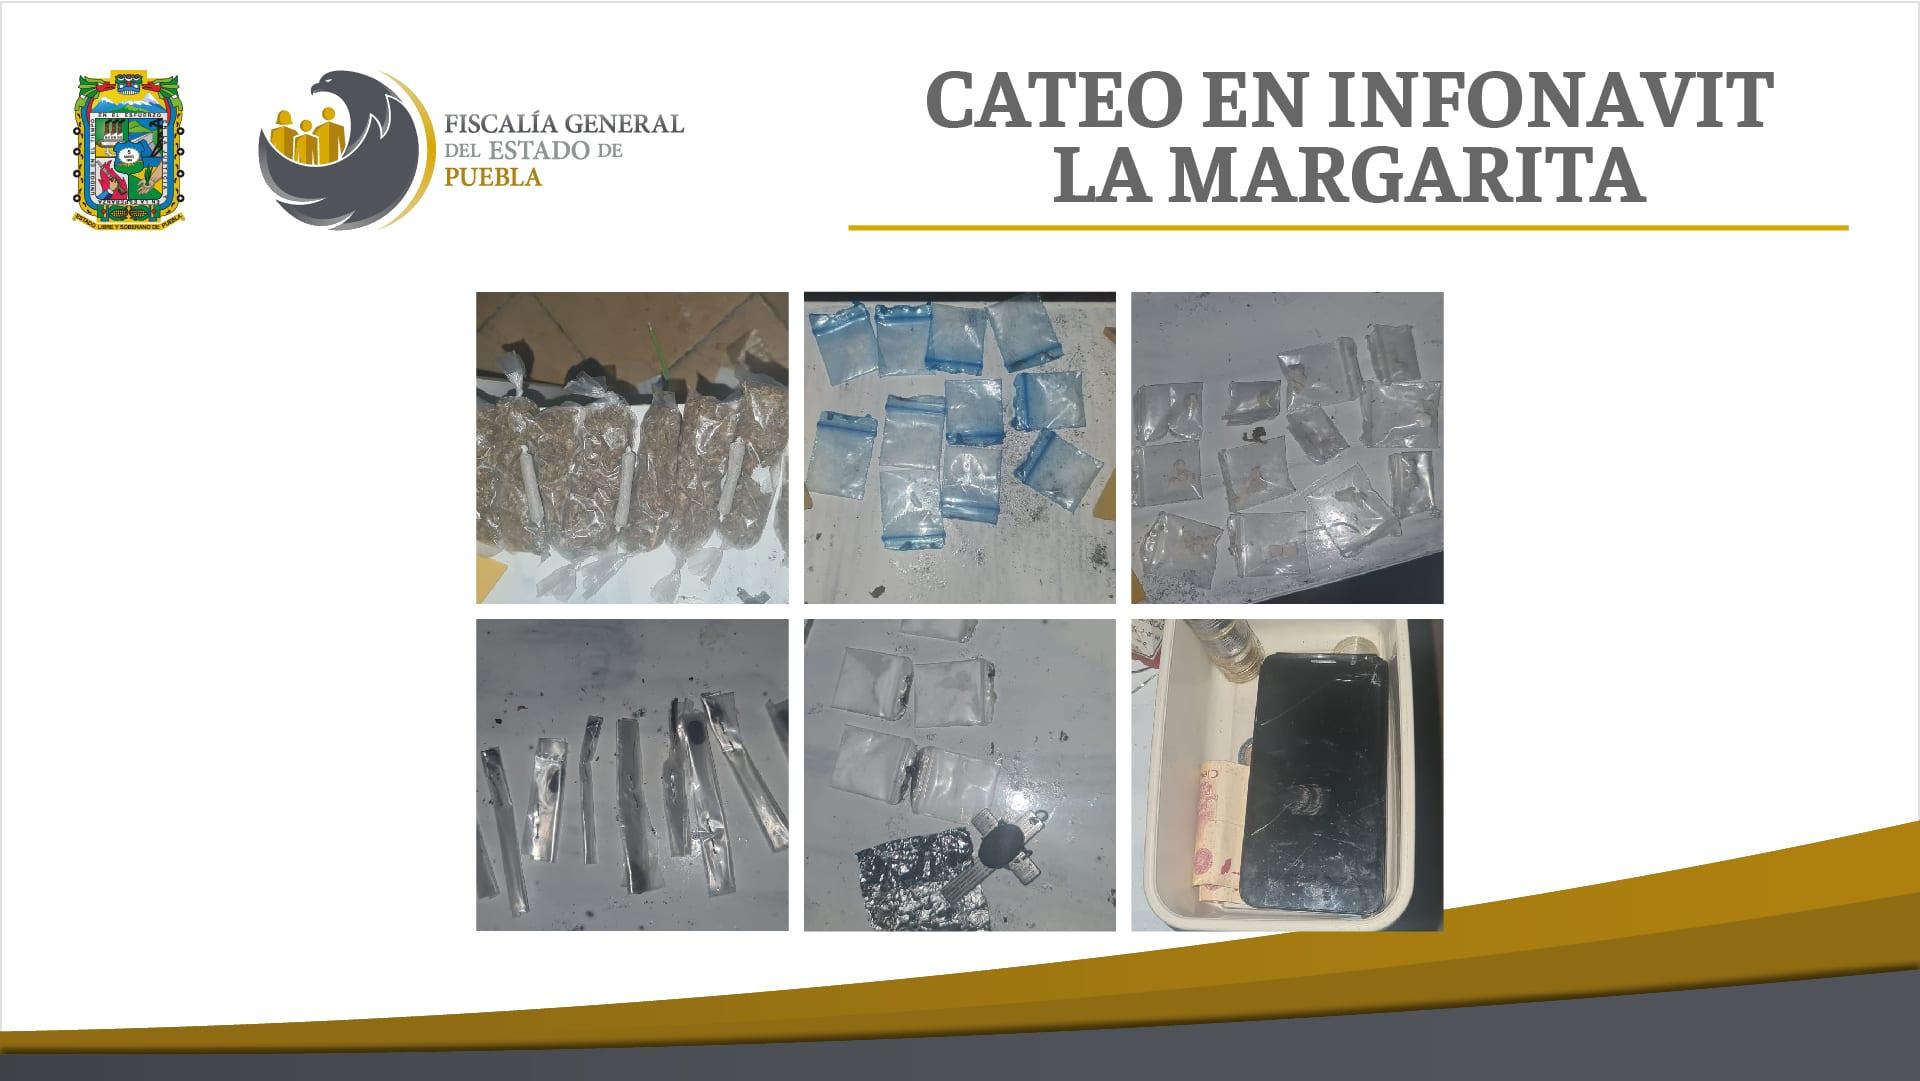 En cateo en La Margarita, Fiscalía Puebla aseguró más de 50 dosis de droga